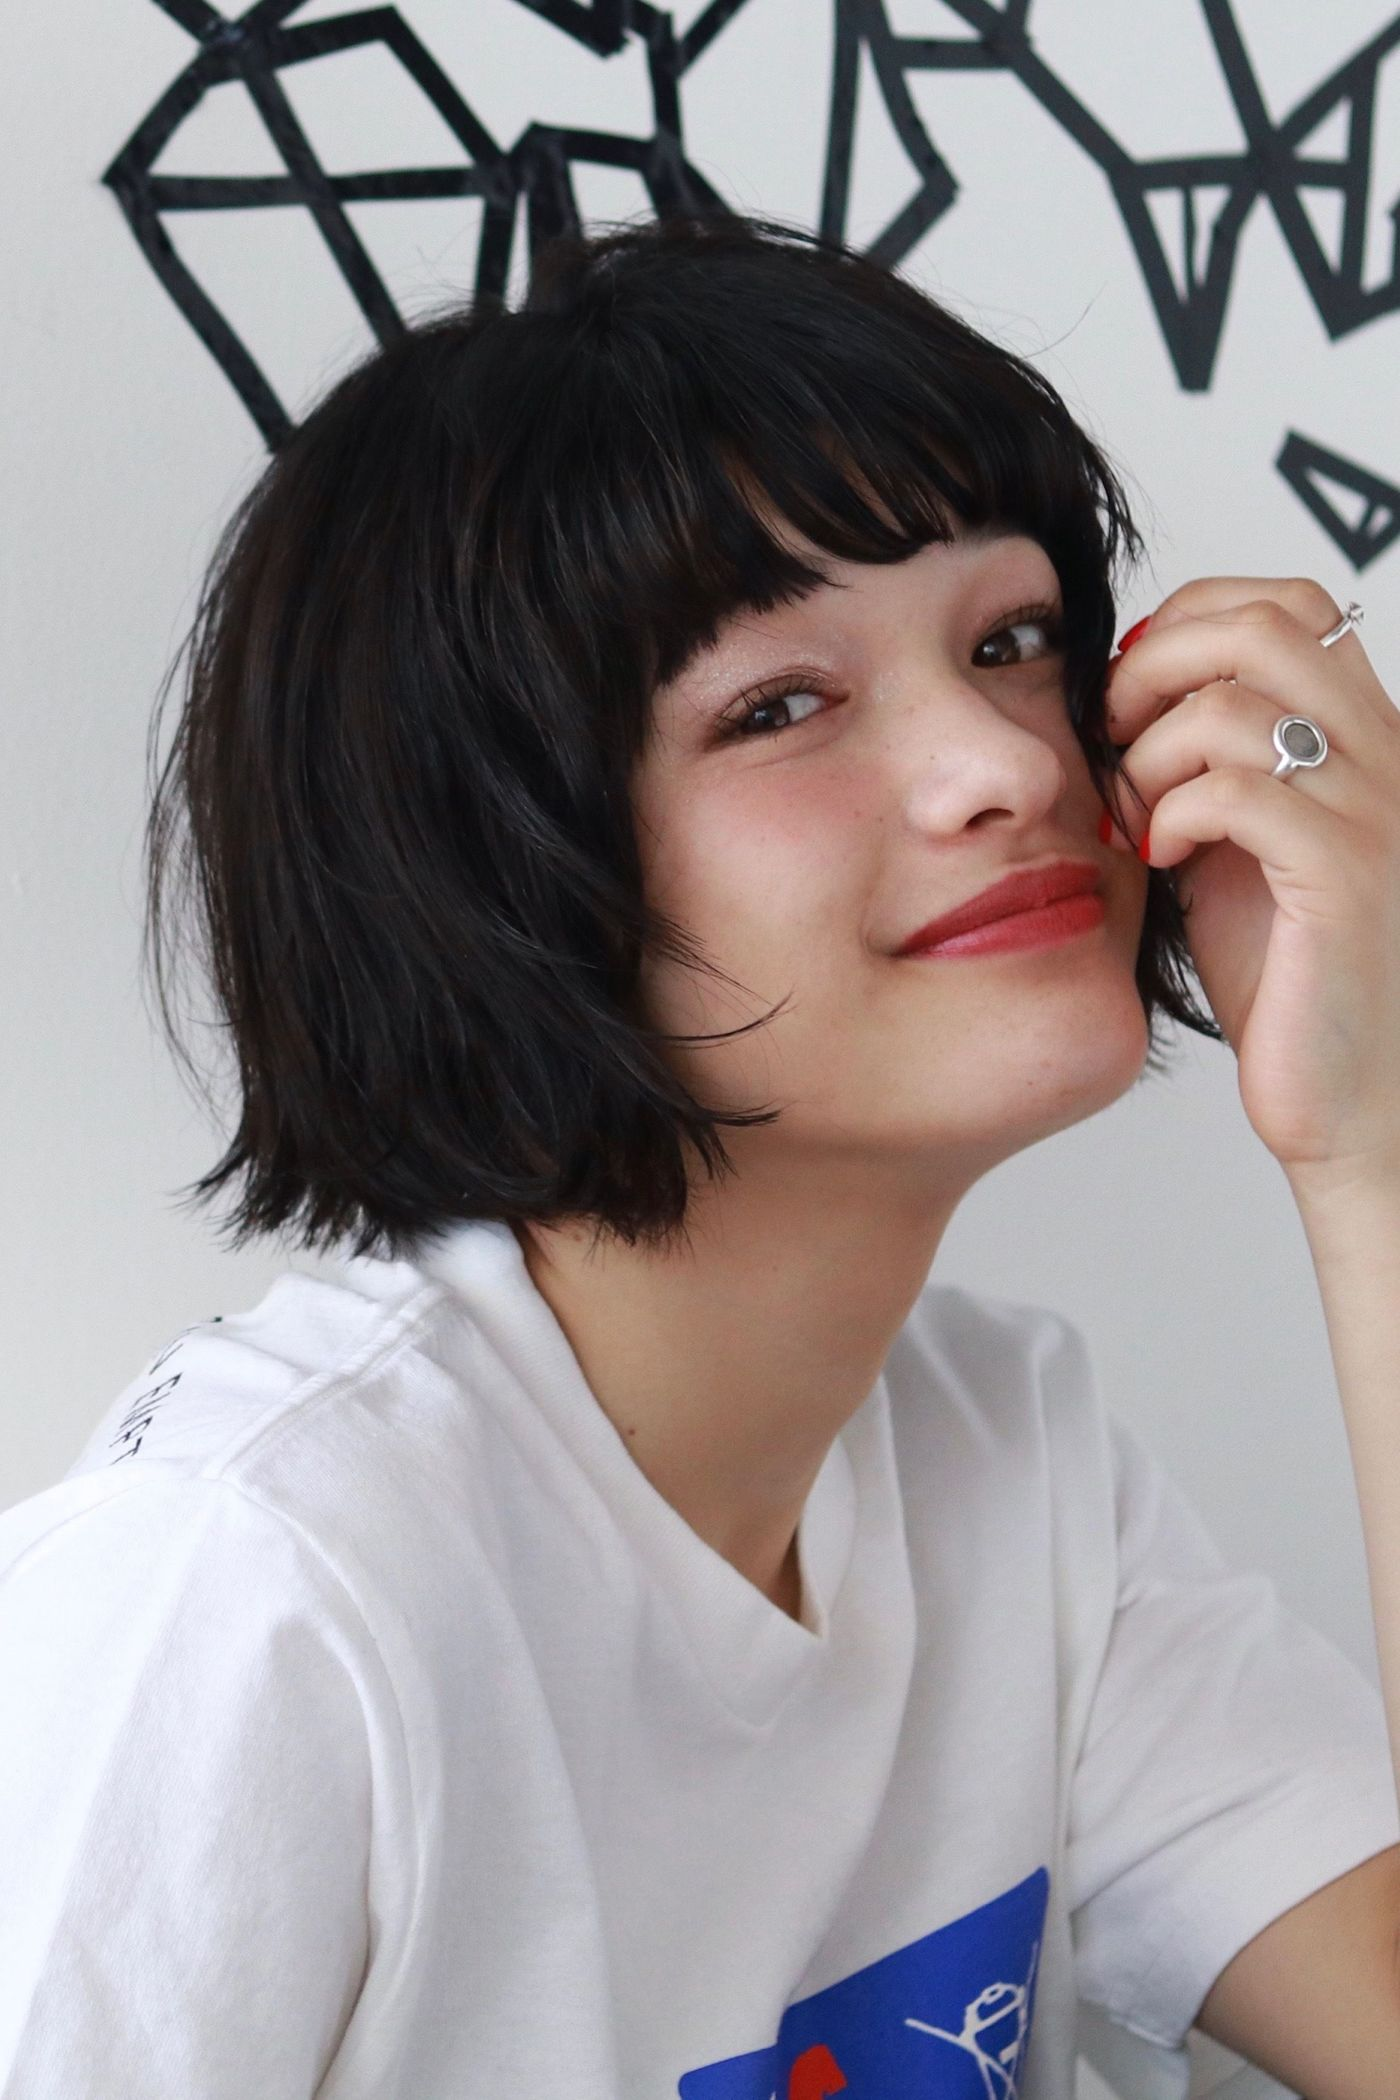 #ショートボブ #黒髪 #ぱっつん #ガーリー #キュート